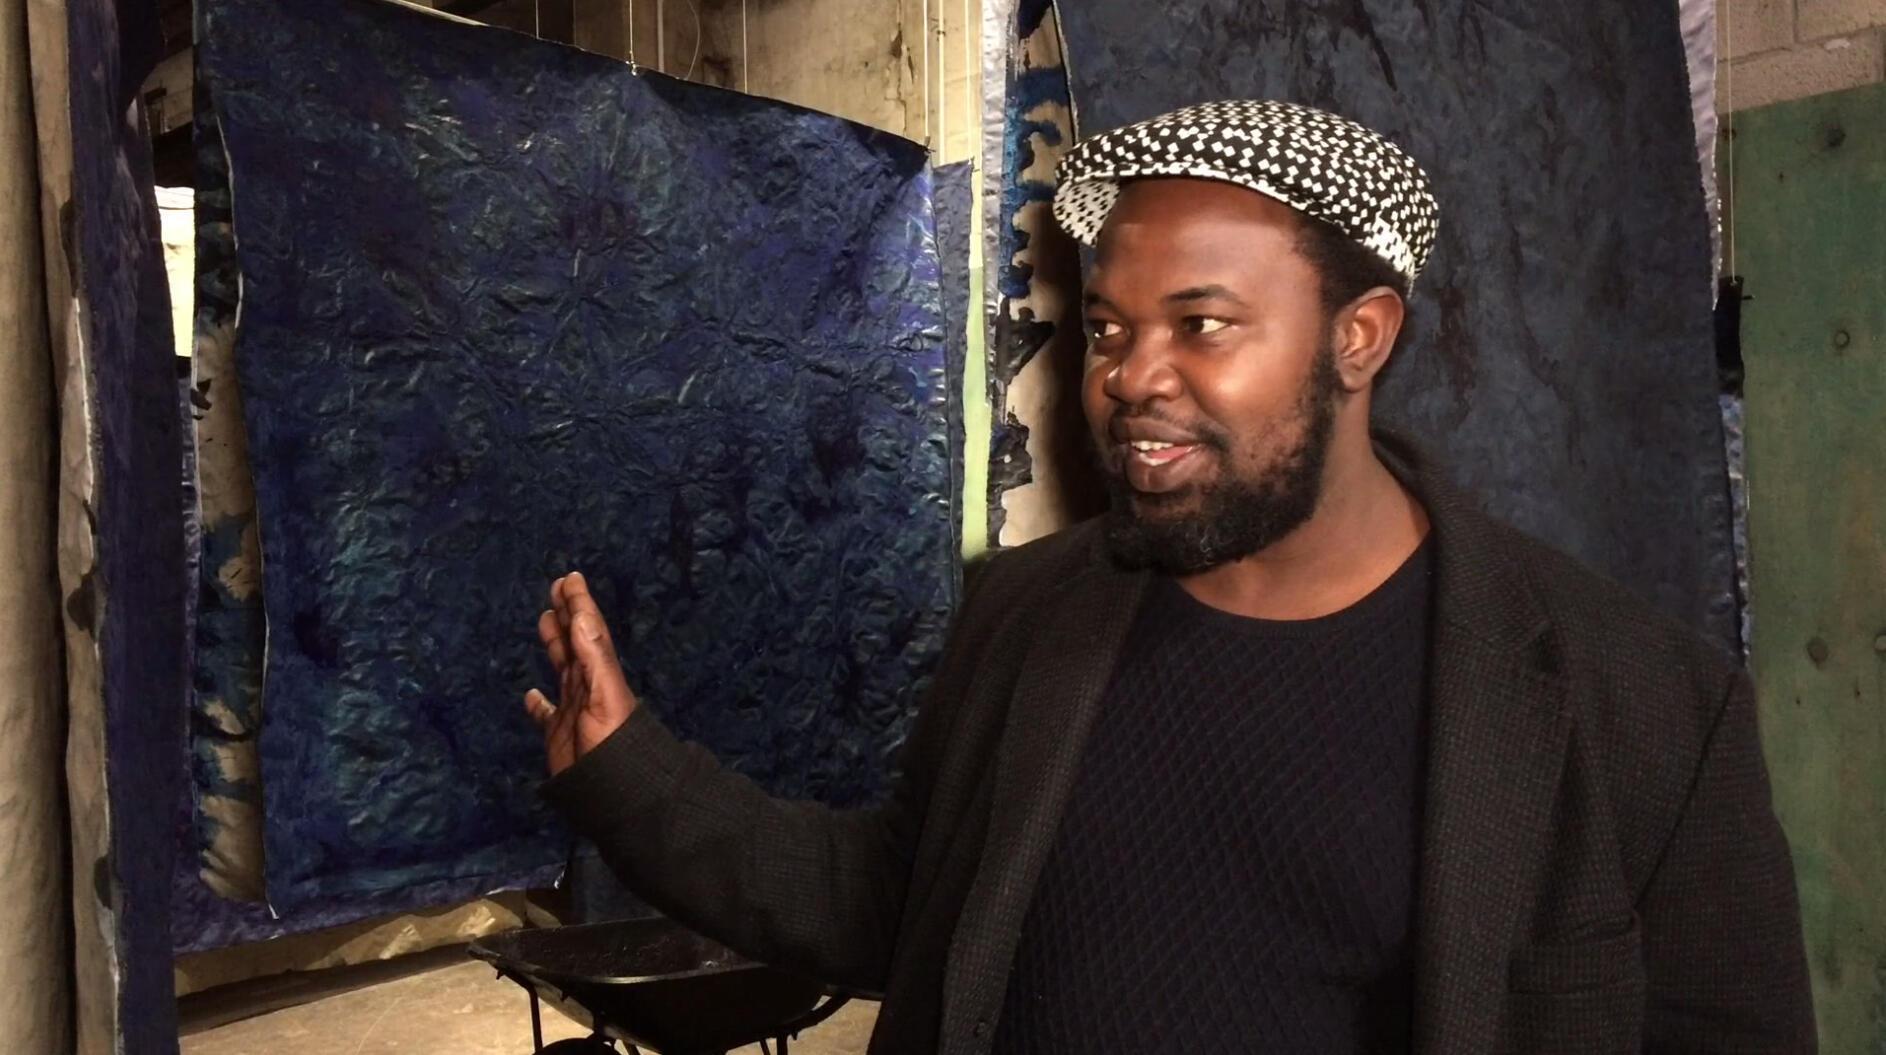 L'artiste sud-africain Moshekwa Langa explique son oeuvre « Babilonia ».